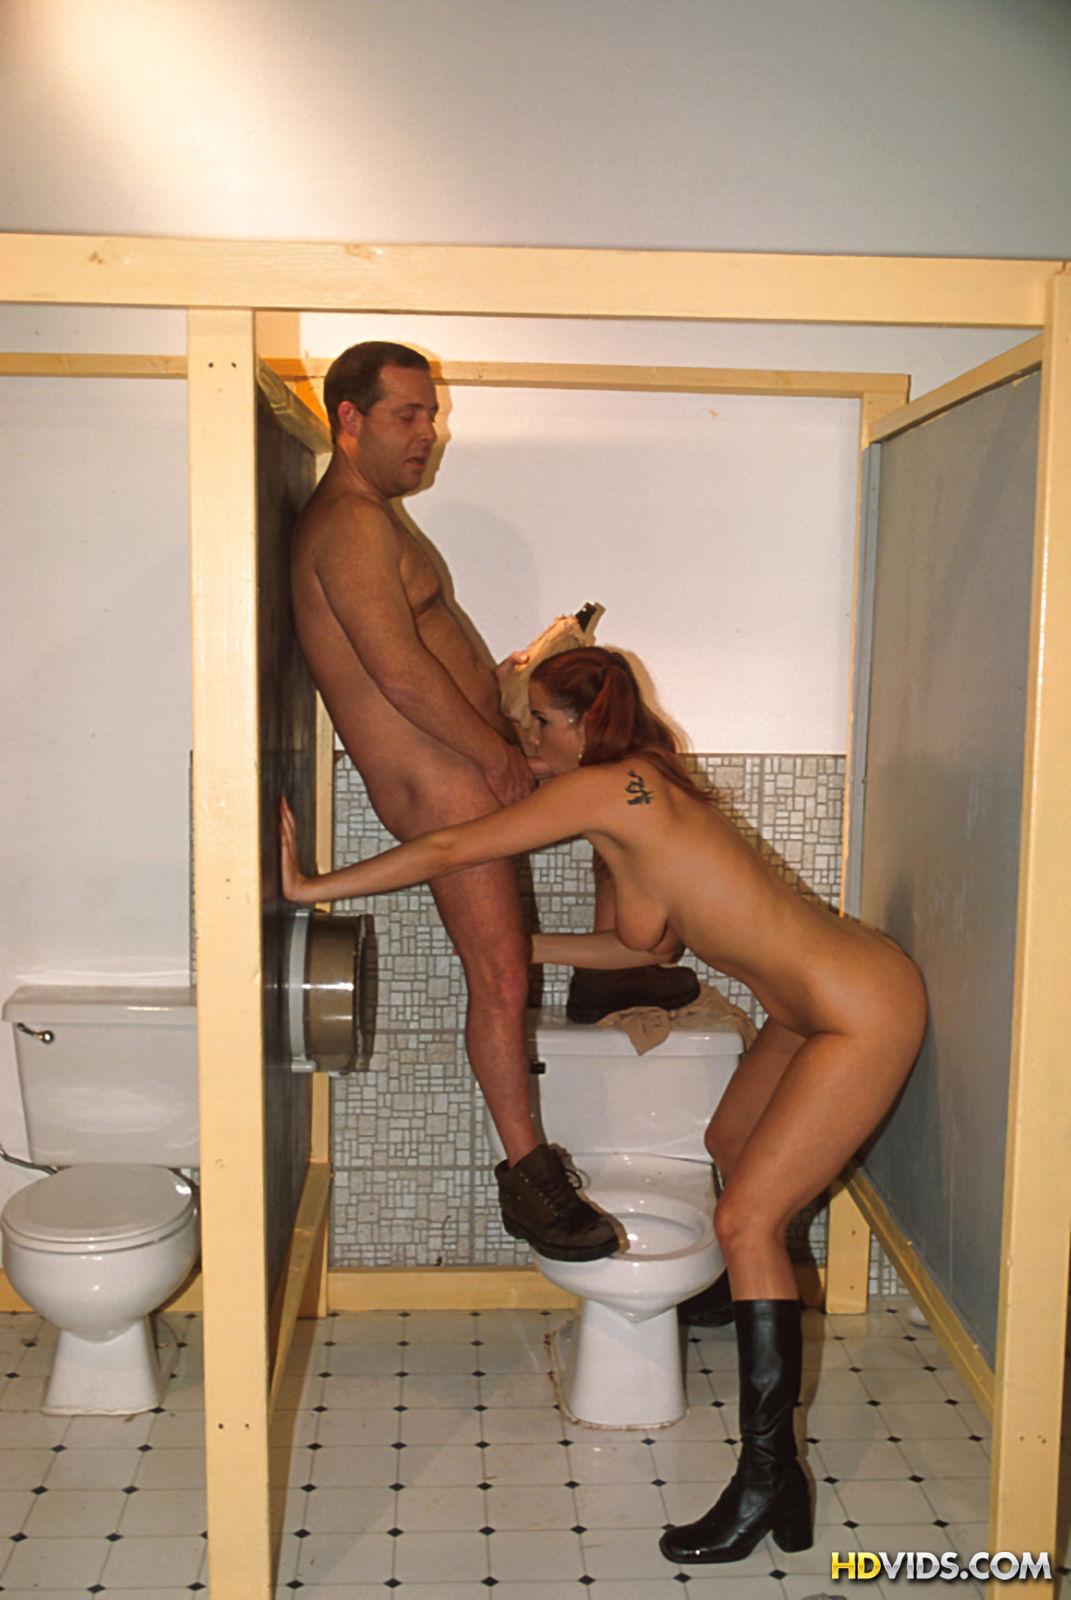 женский туалет в офисе колледже порно